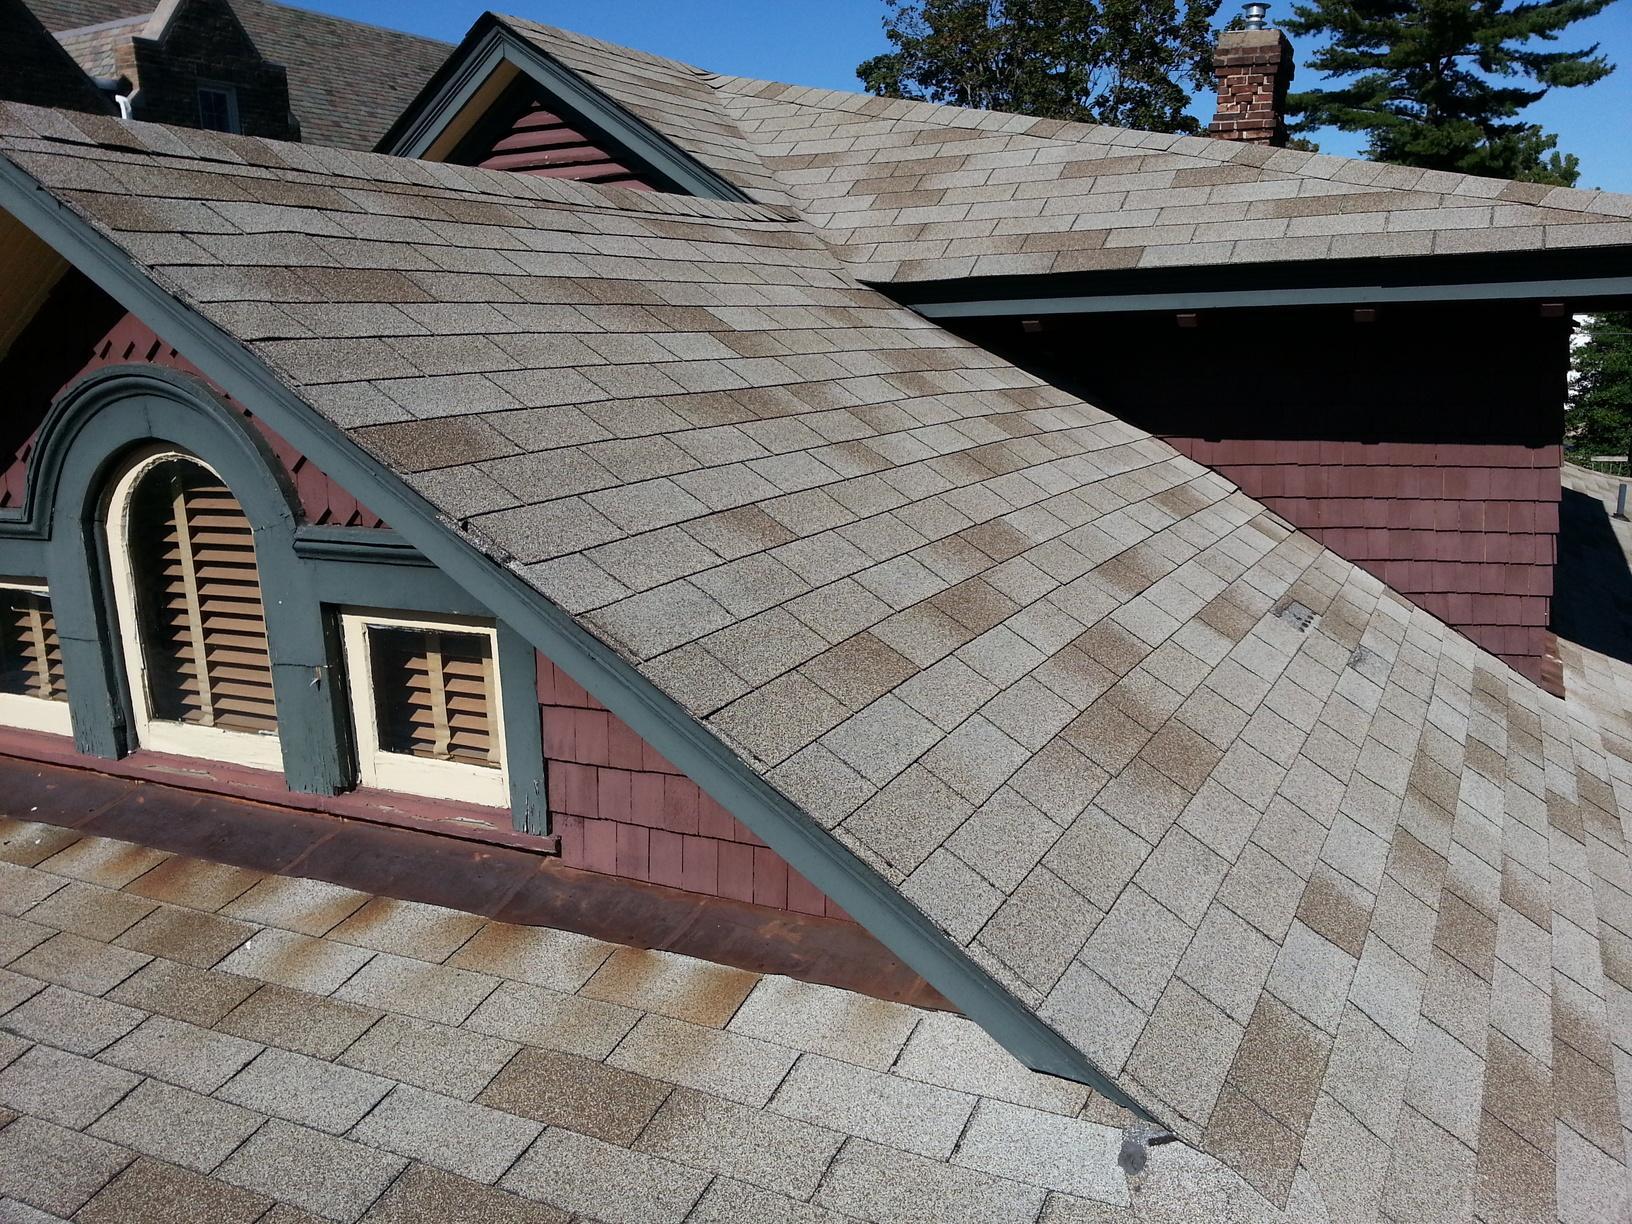 Sierra Slate Grey Tamco Metalworks Metal Slate Roof Installation in Riverton, NJ - Before Photo